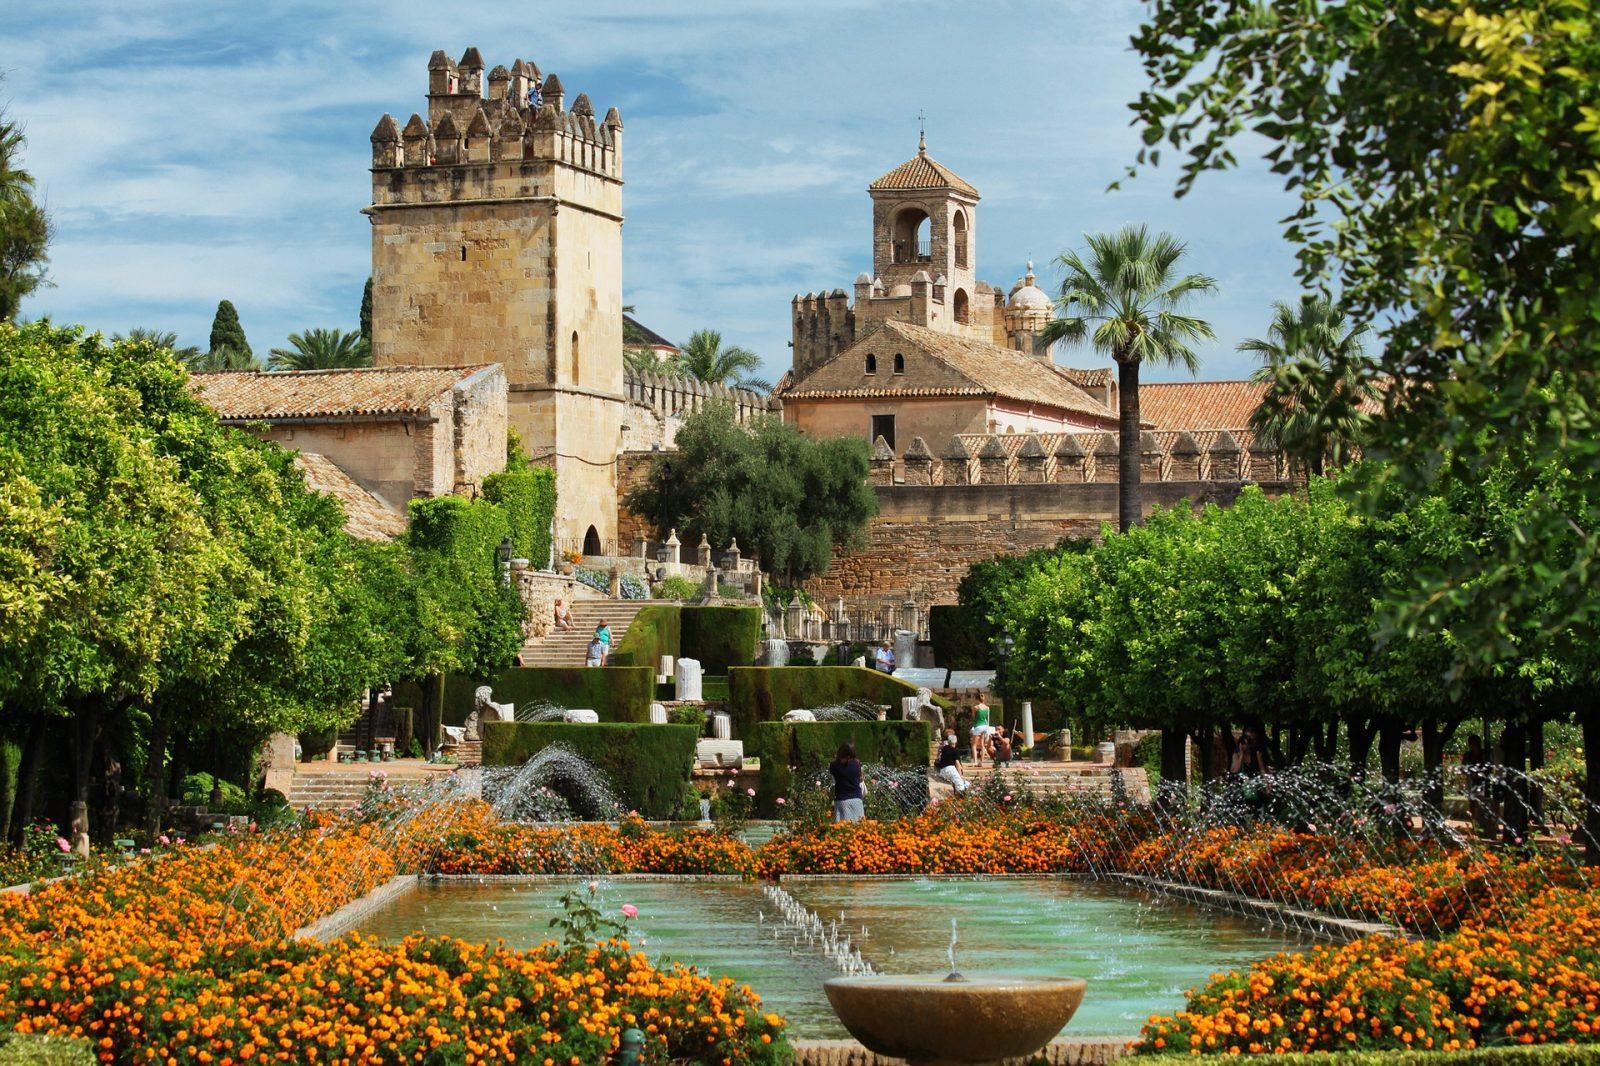 Alcázar de los Reyes Christianos in Cordoba Spain